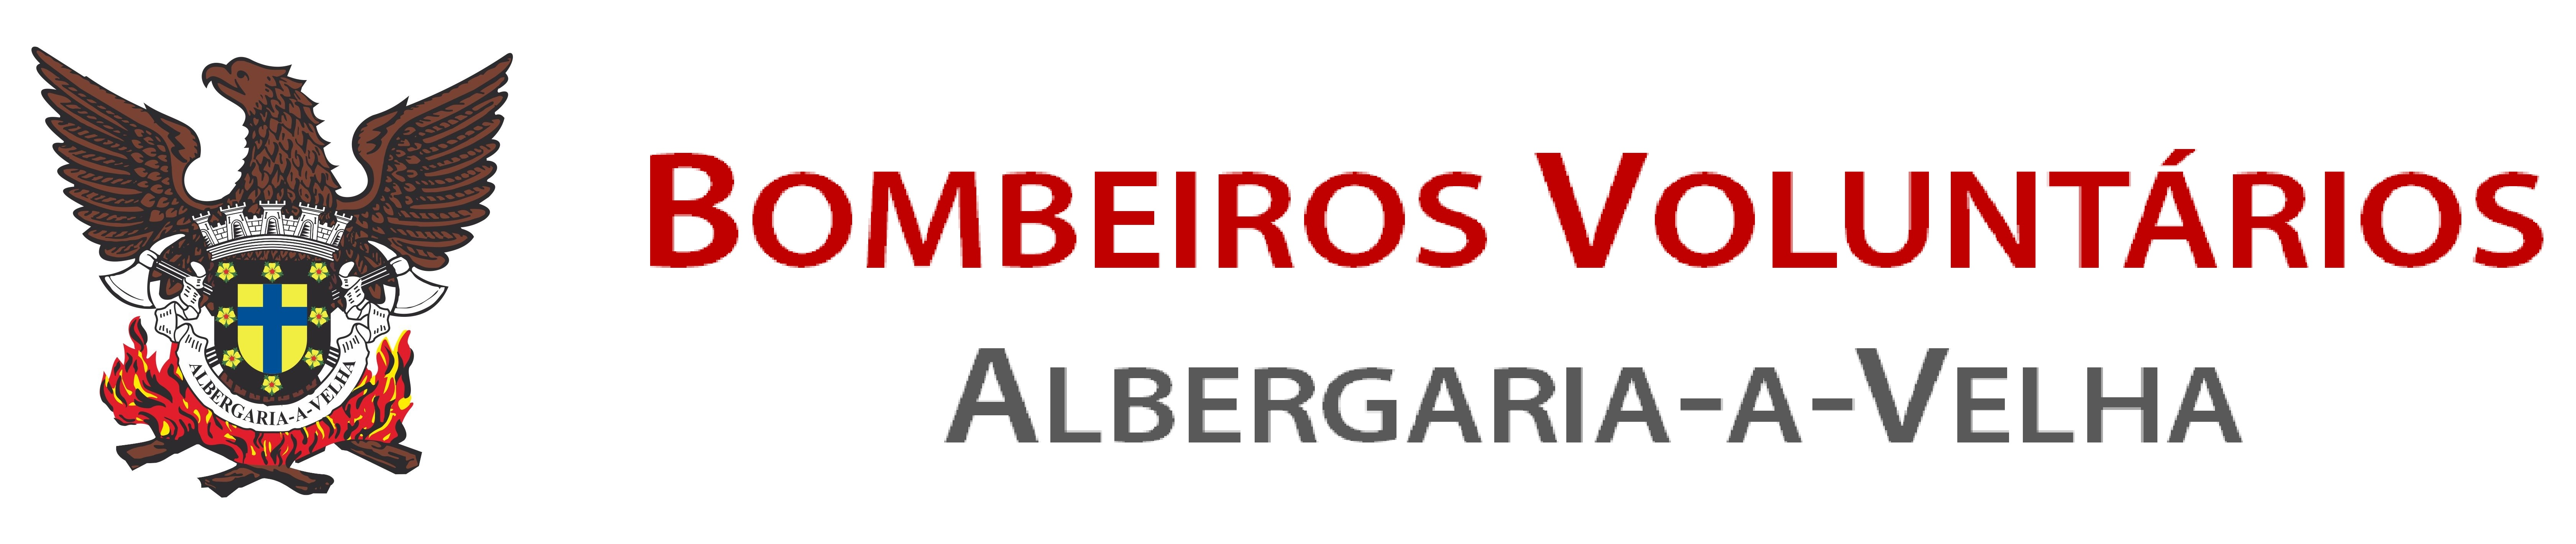 Bombeiros Voluntários de Albergaria-a-Velha